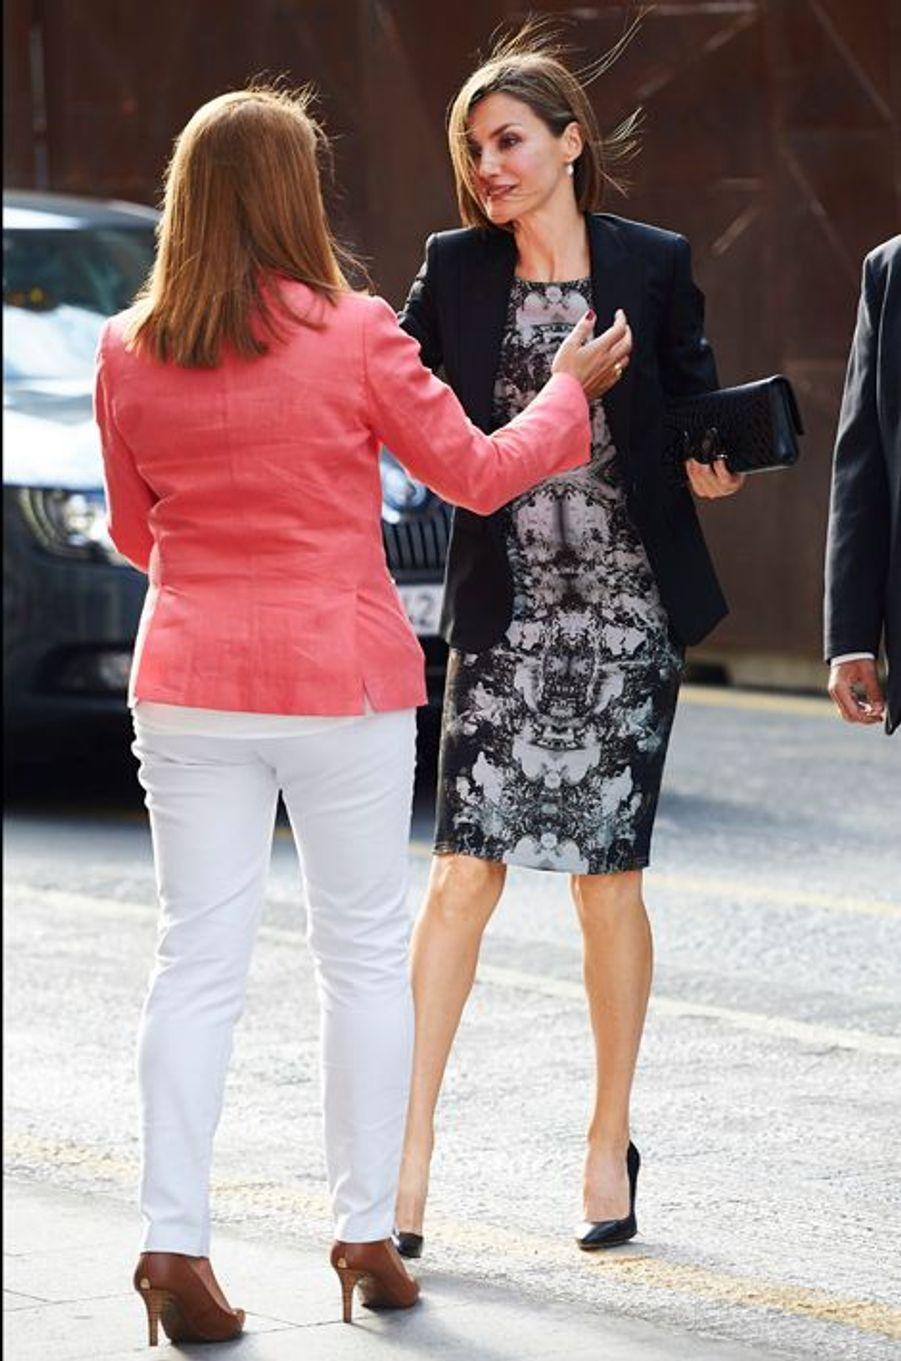 La reine Letizia d'Espagne se rend à la réunion de l'AECC à Madrid, le 9 juin 2015